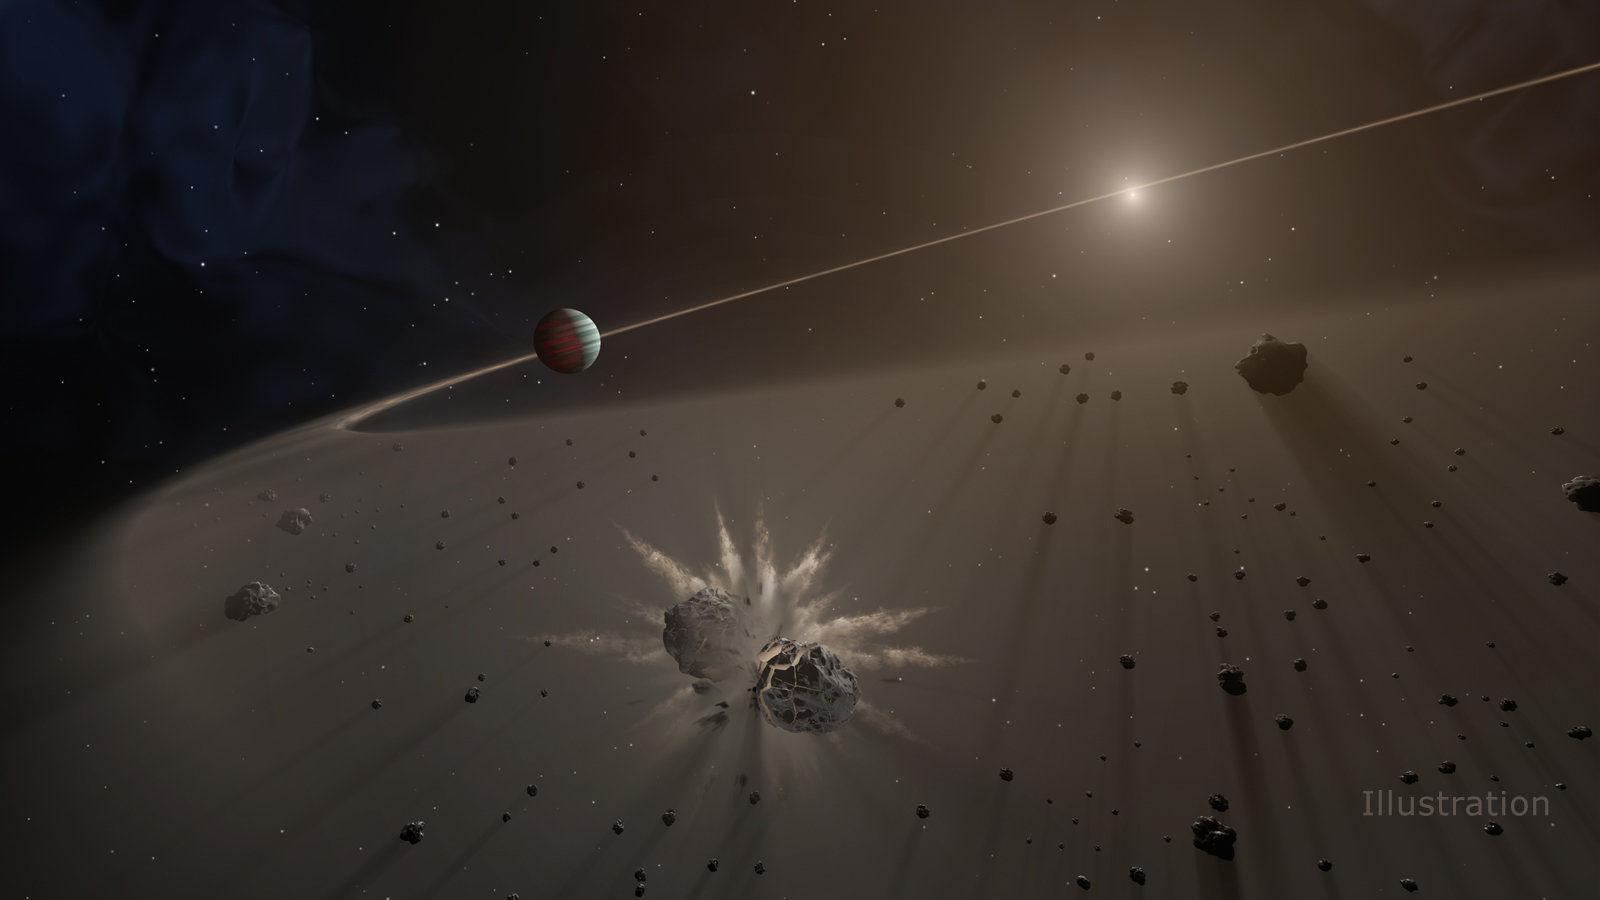 Ученые будут искать новые экзопланеты по пылевым дискам в звездных системах